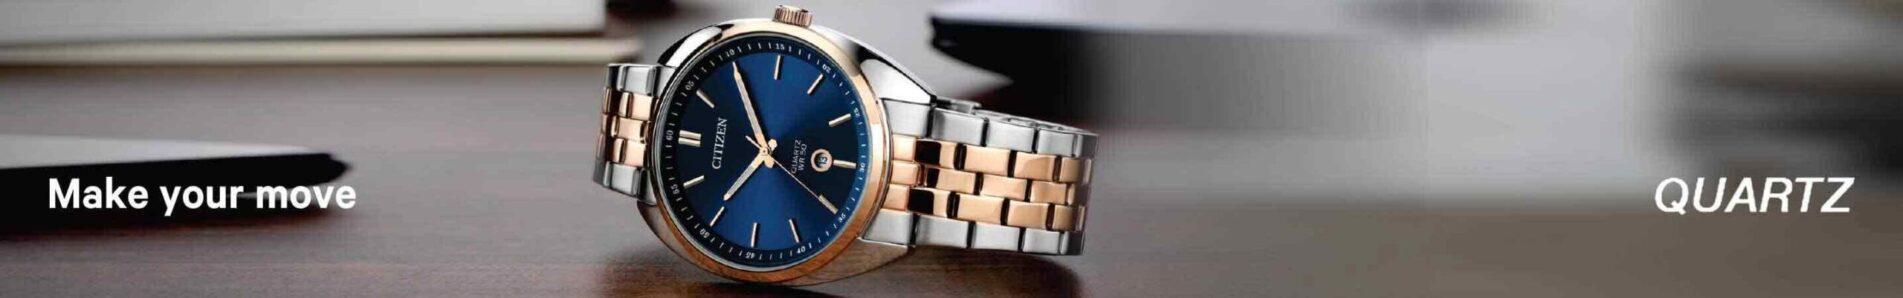 bộ sưu tập đồng hồ citizen quartz đa dạng nhất tại Tân Tân